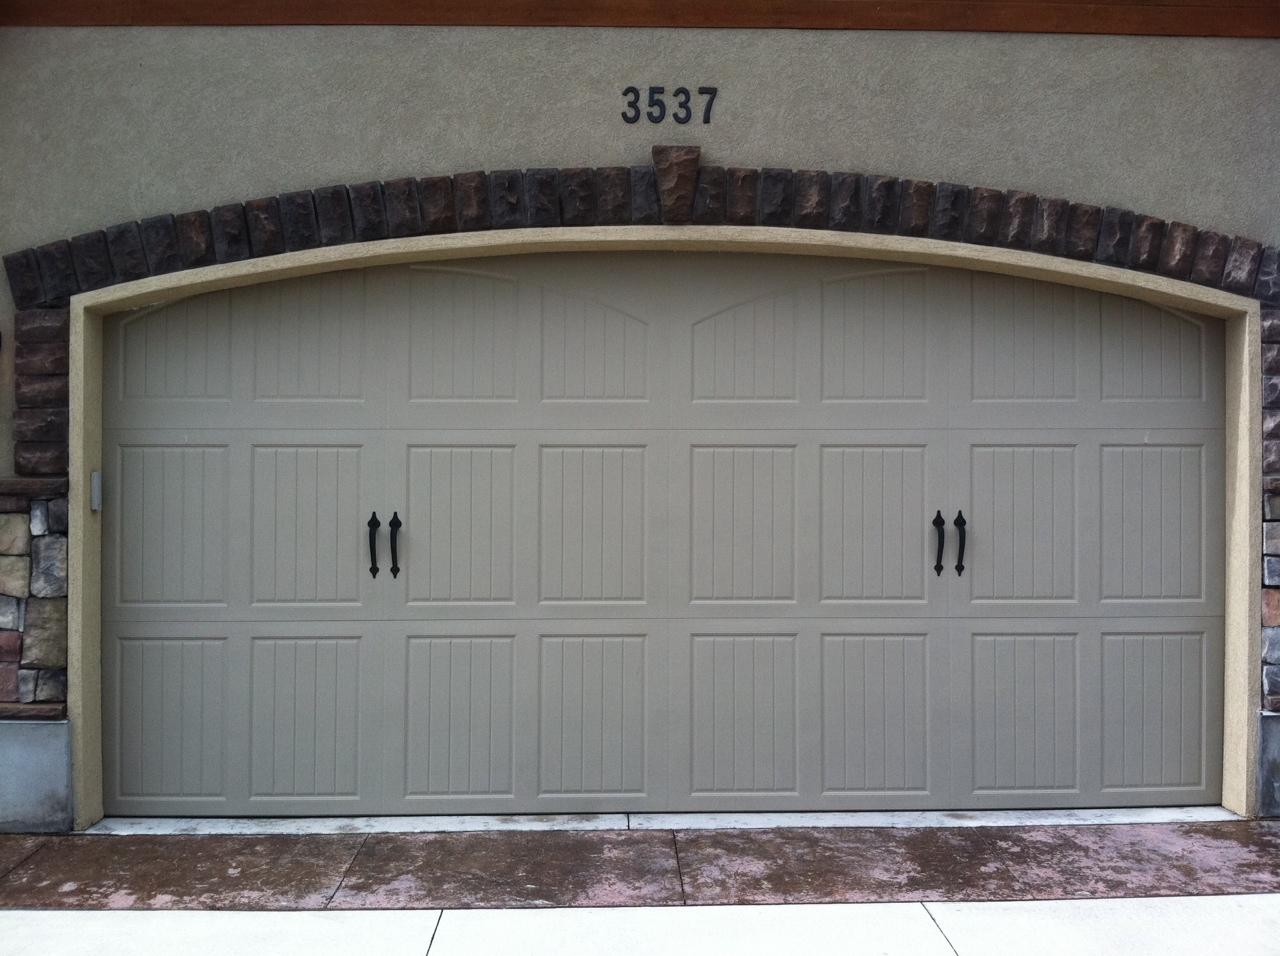 956 #3A302D New Door Sales & Installation A Plus Garage Doors pic Garage Doors In Utah 36111280